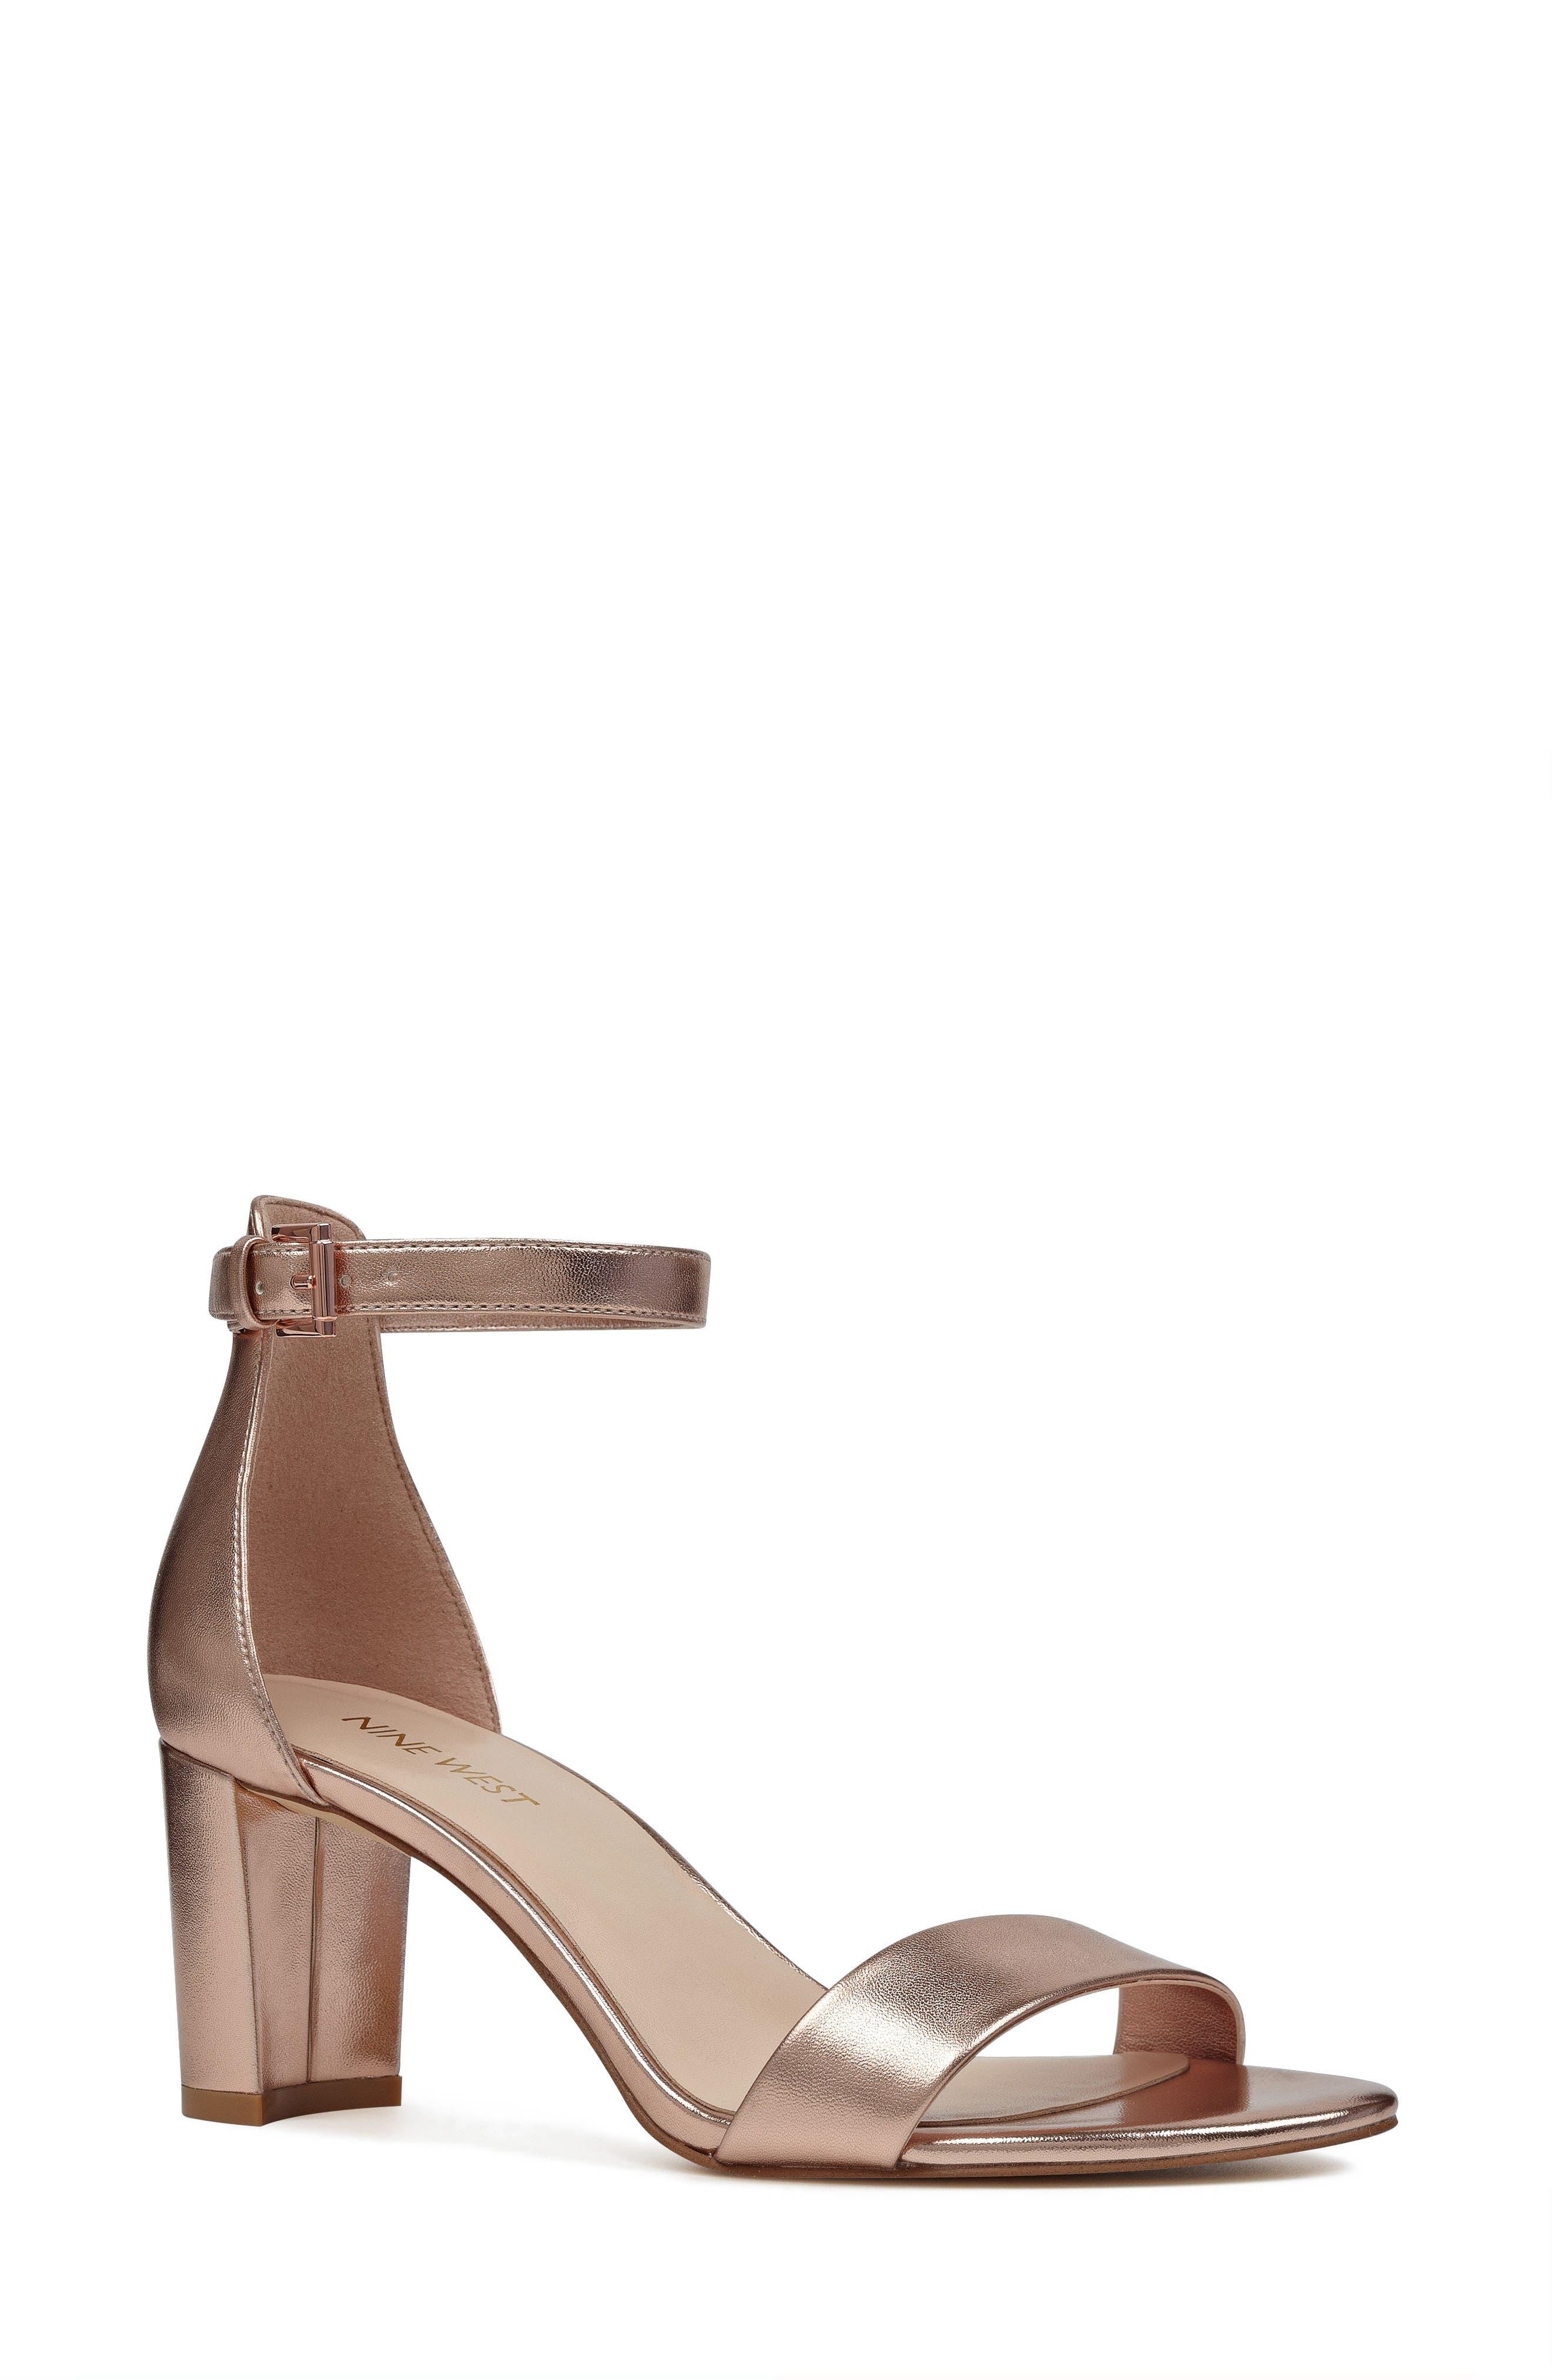 Pruce Ankle Strap Sandal,                         Main,                         color, Matte Rose Gold